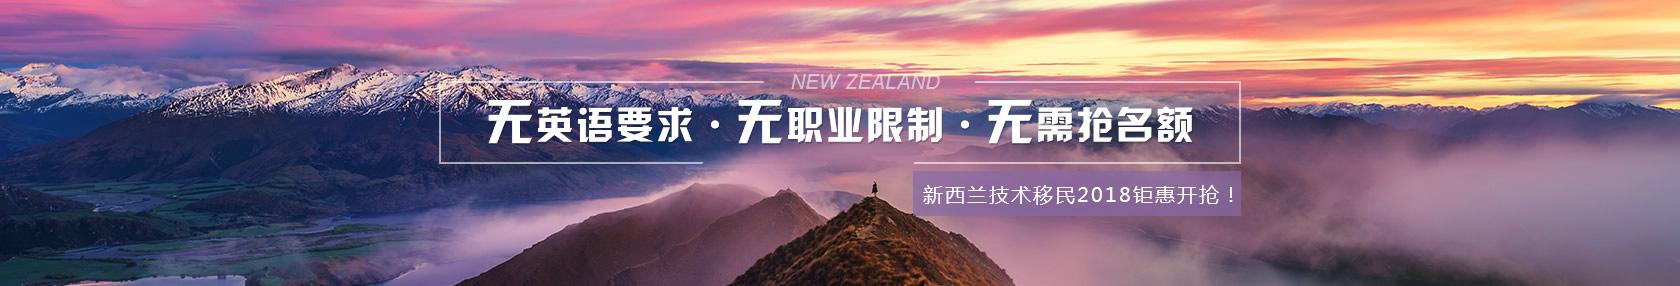 【活动】2018年新西兰技术移民钜惠开抢!申请条件无英语、职业限制要求,无需抢名额。